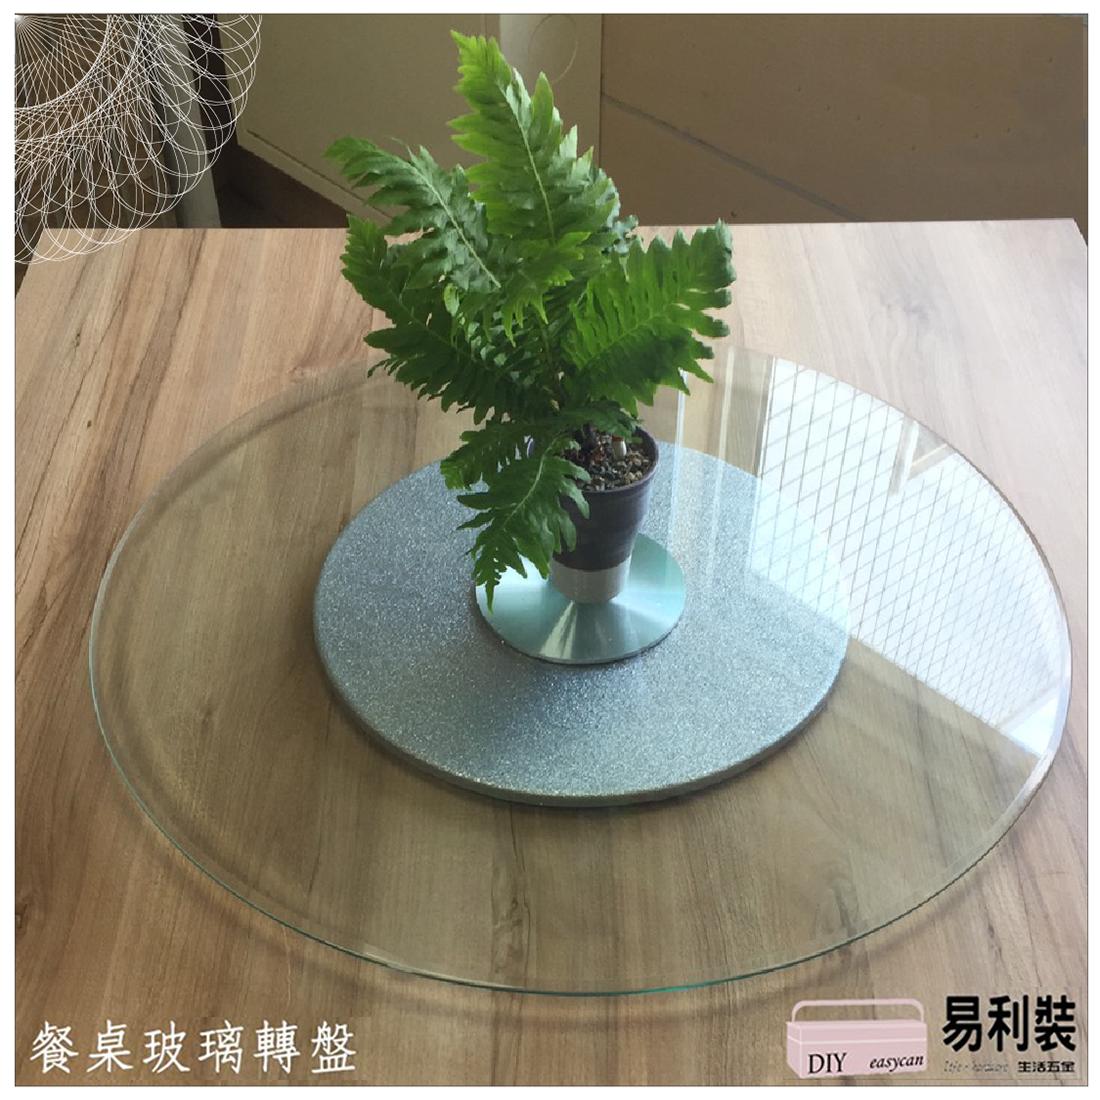 【 EASYCAN  】J3078 玻璃轉盤 易利裝生活五金 餐桌轉盤 房間 臥房 衣櫃 小資族 辦公家具 系統家具